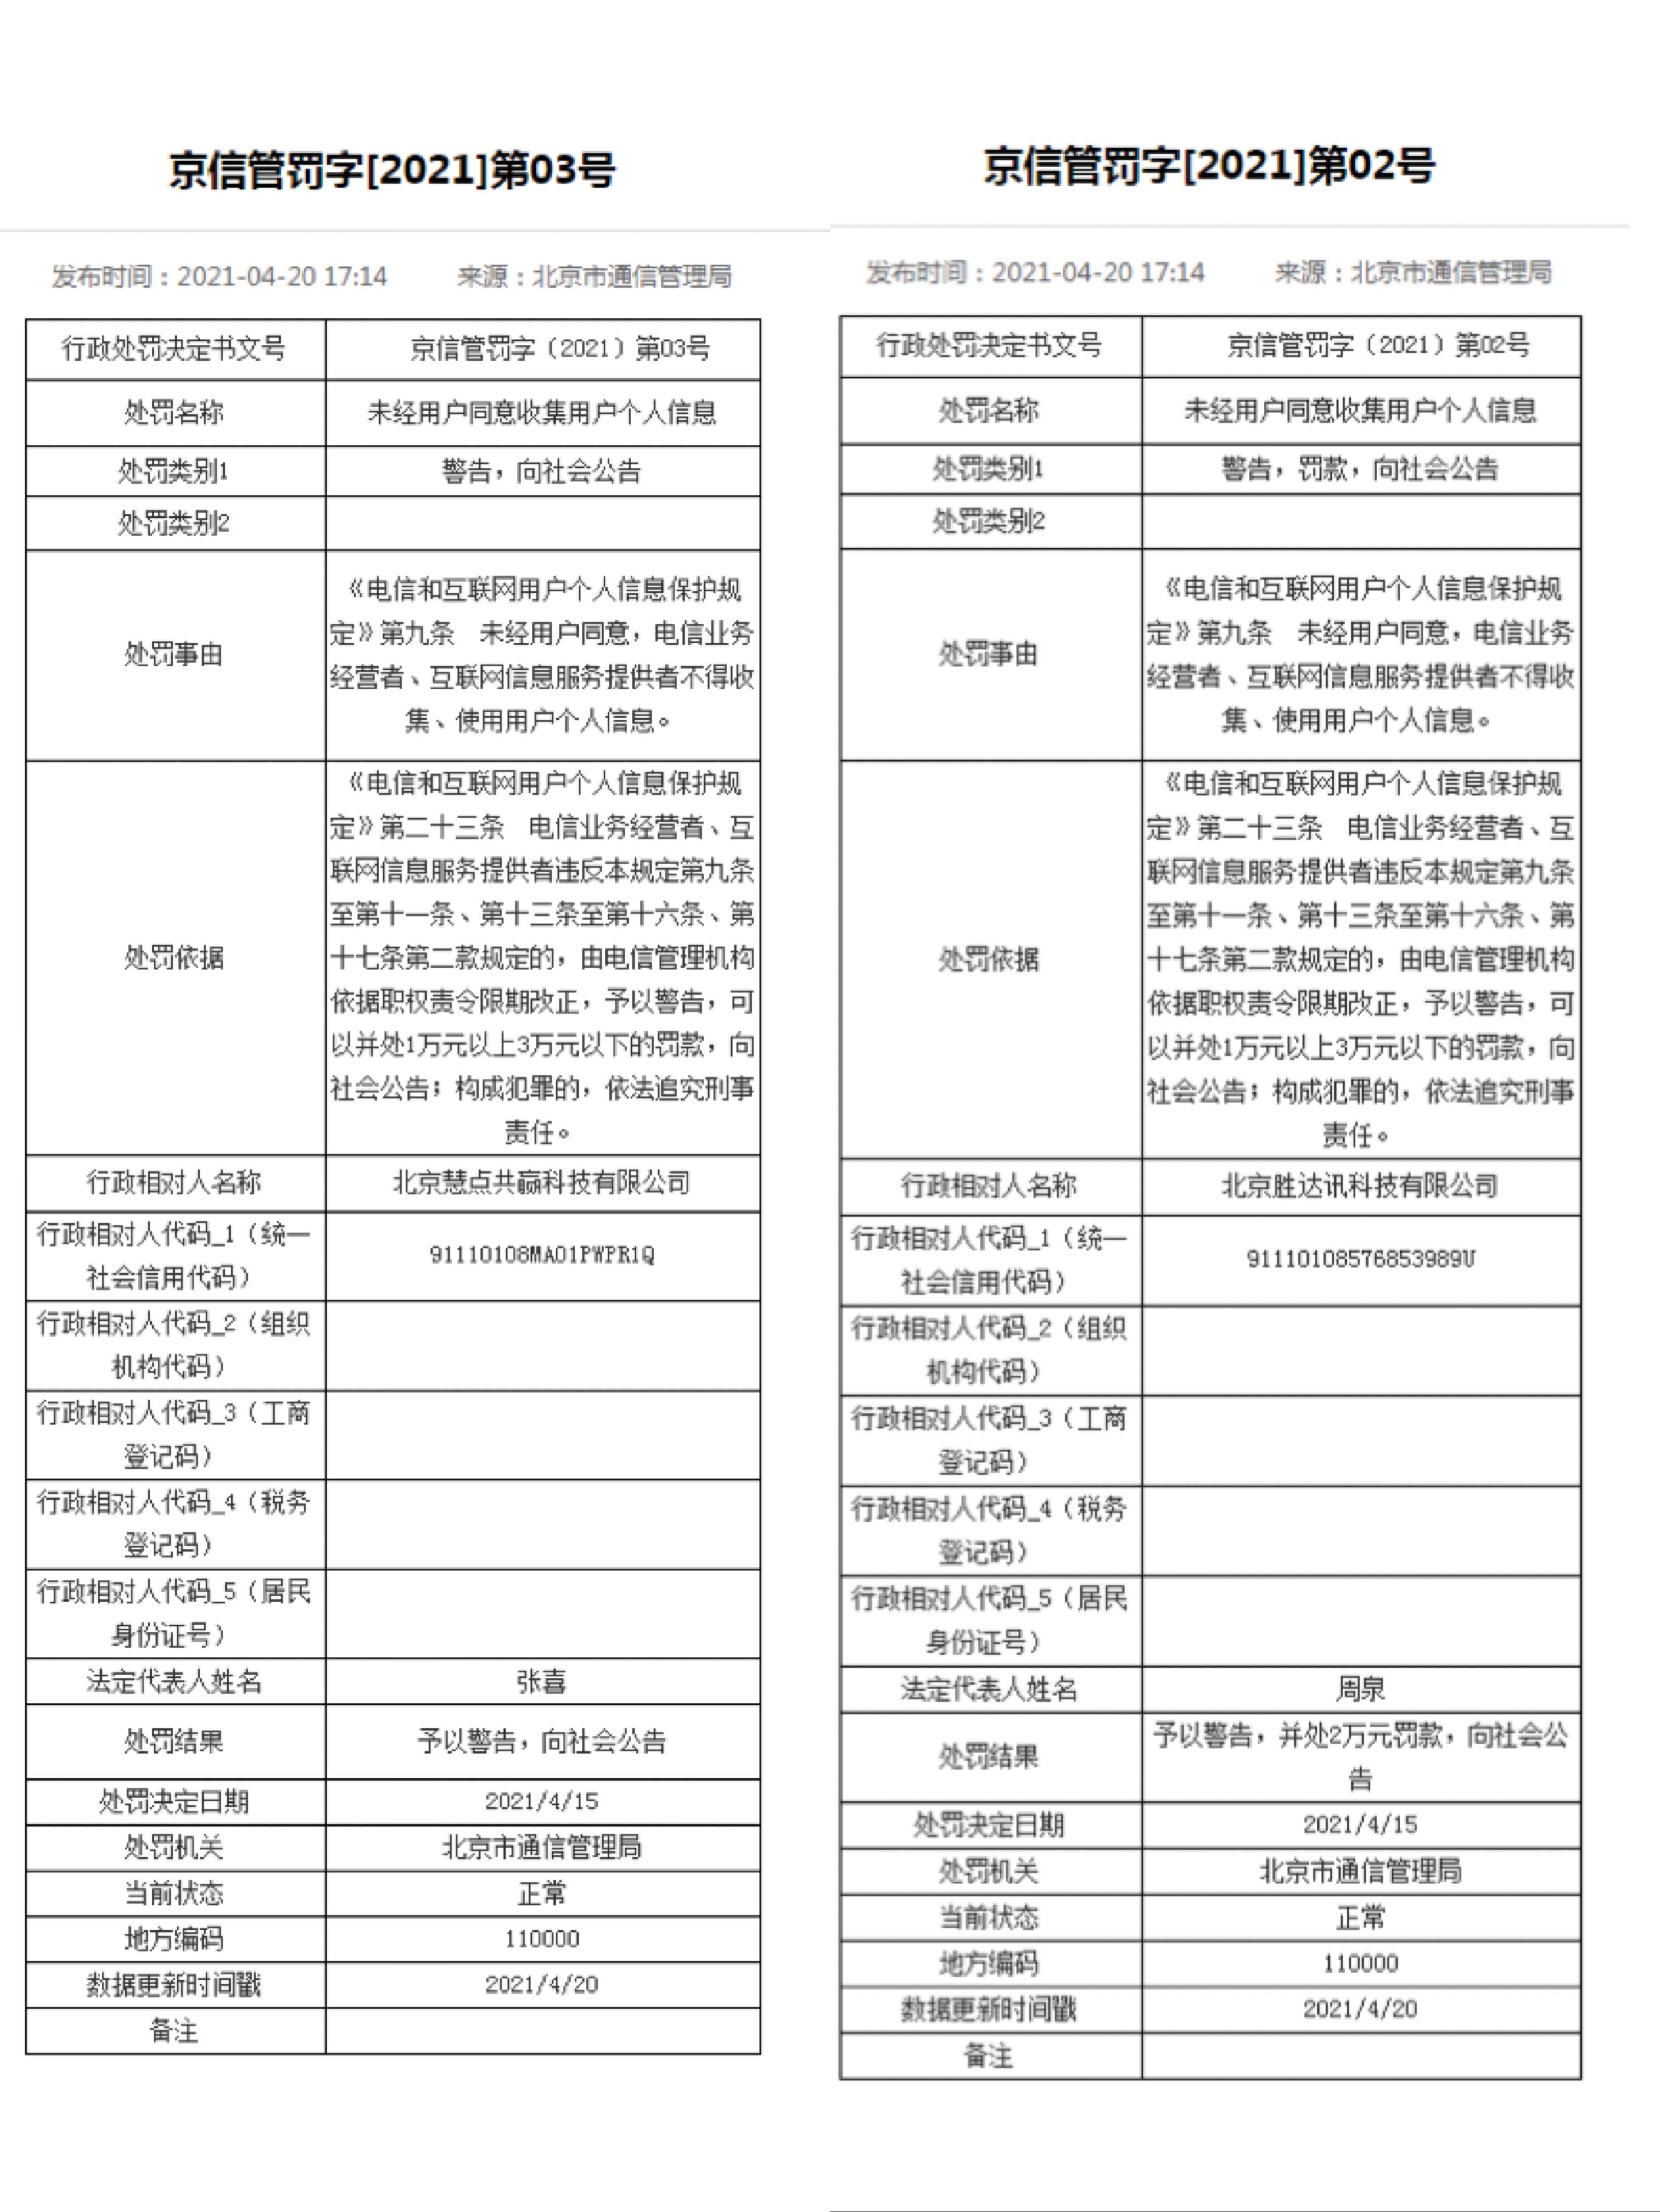 """北京处罚""""3·15""""曝光APP:智能清理大师被罚款2万元"""